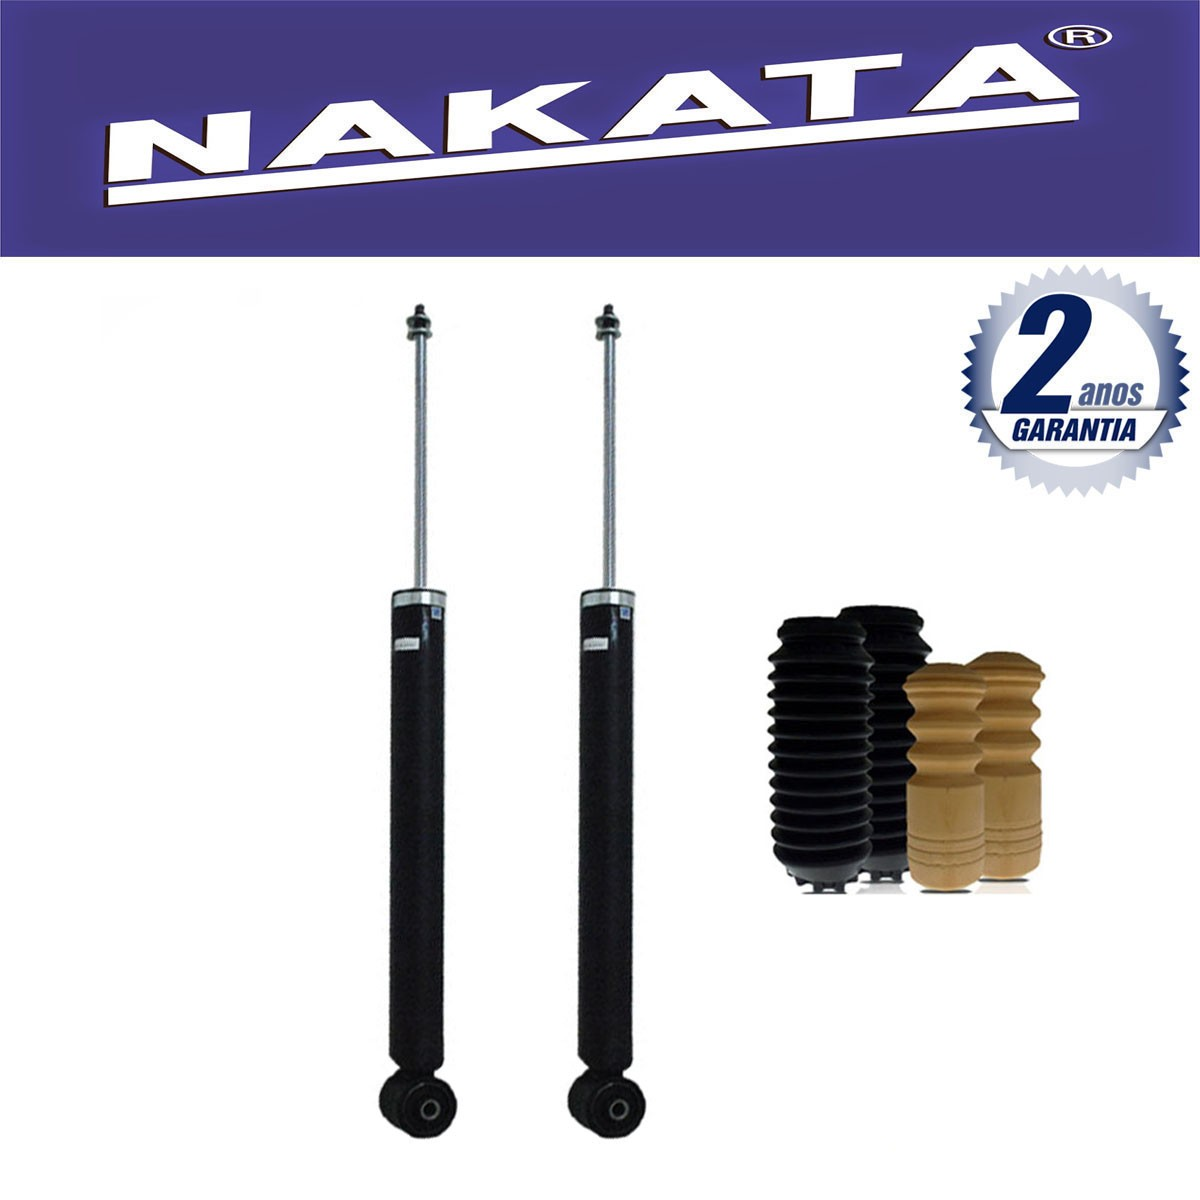 Par de Amortecedores Traseiro Nakata Audi A3 1996 Até 2006 Golf 1998 Até 2010 Bora 2000 Até 2010 New Beetle 1998 Até 2005 + Kit da Suspensão